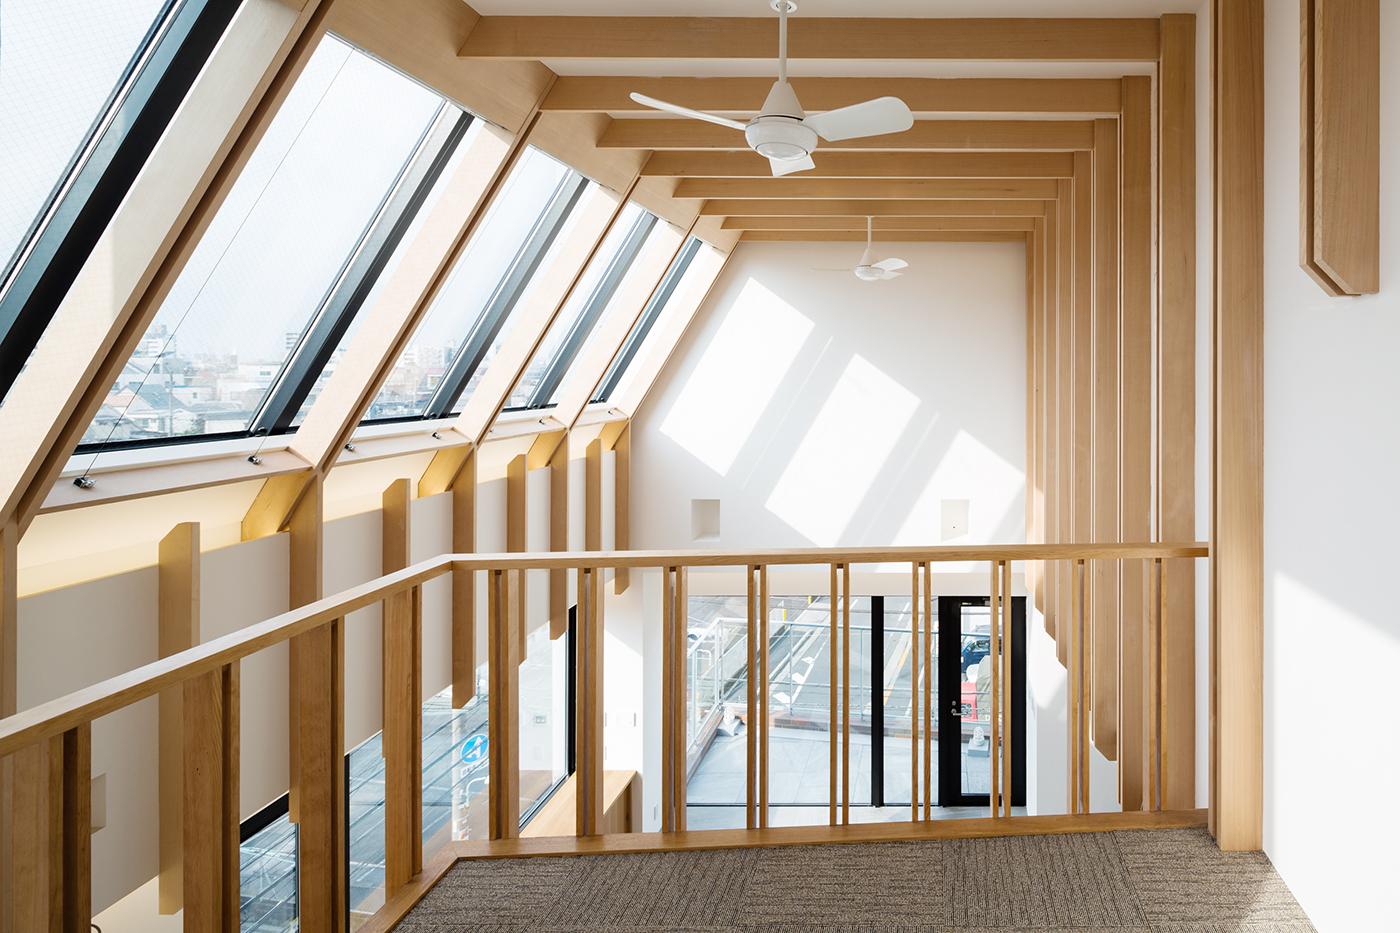 東京、品川区、神奈川県、一級建築士事務所、建築家、N&C、打ち放し、広いリビング、天井が高い、木の空間、漆喰壁、トップライト